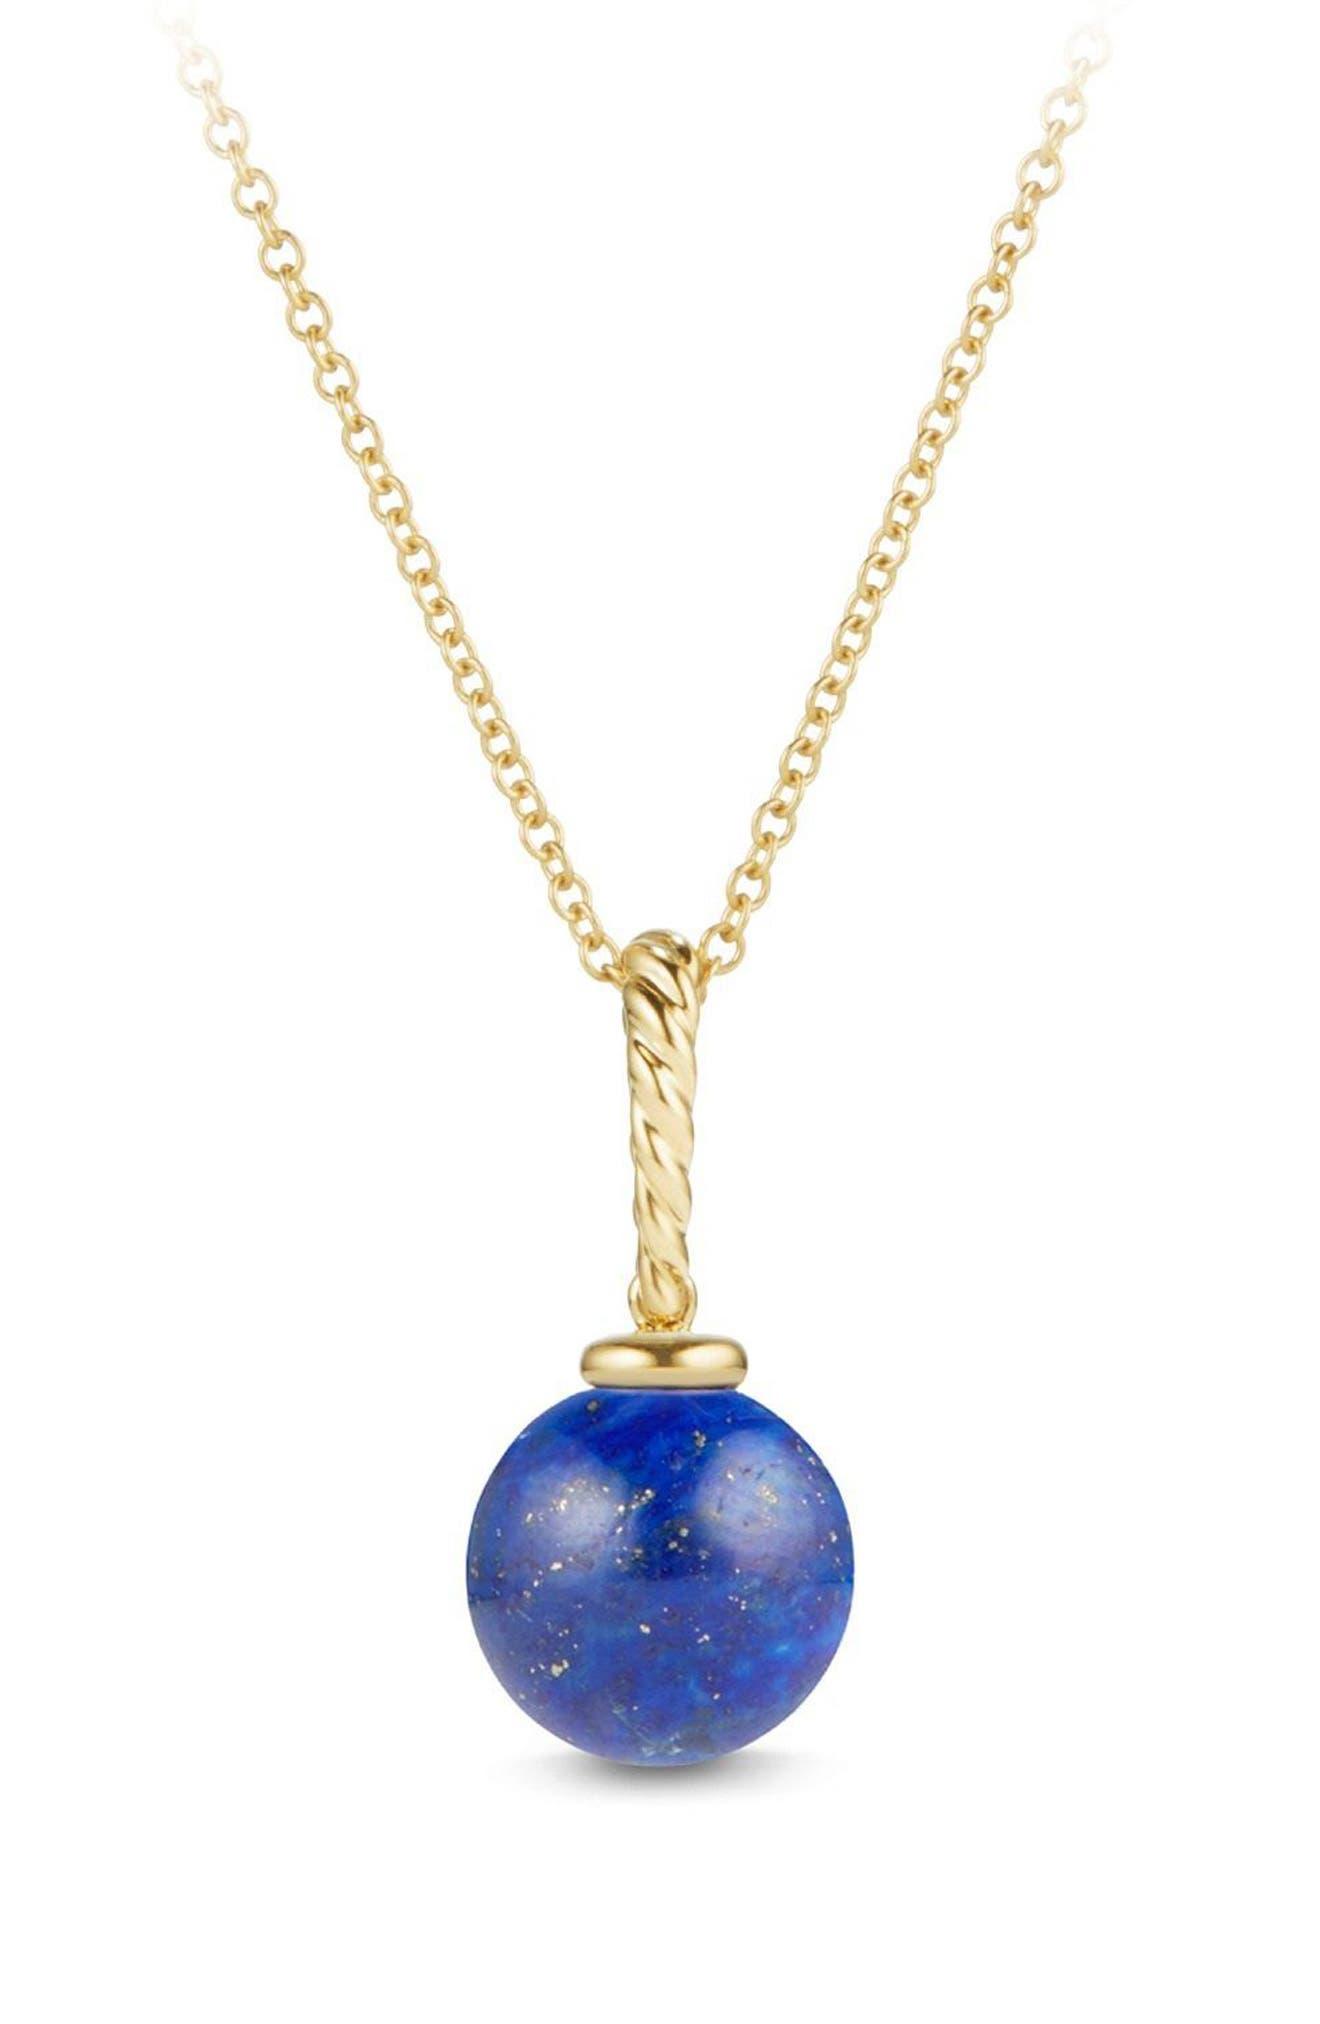 Main Image - David Yurman 'Solari' Pendant Necklace in 18K Gold